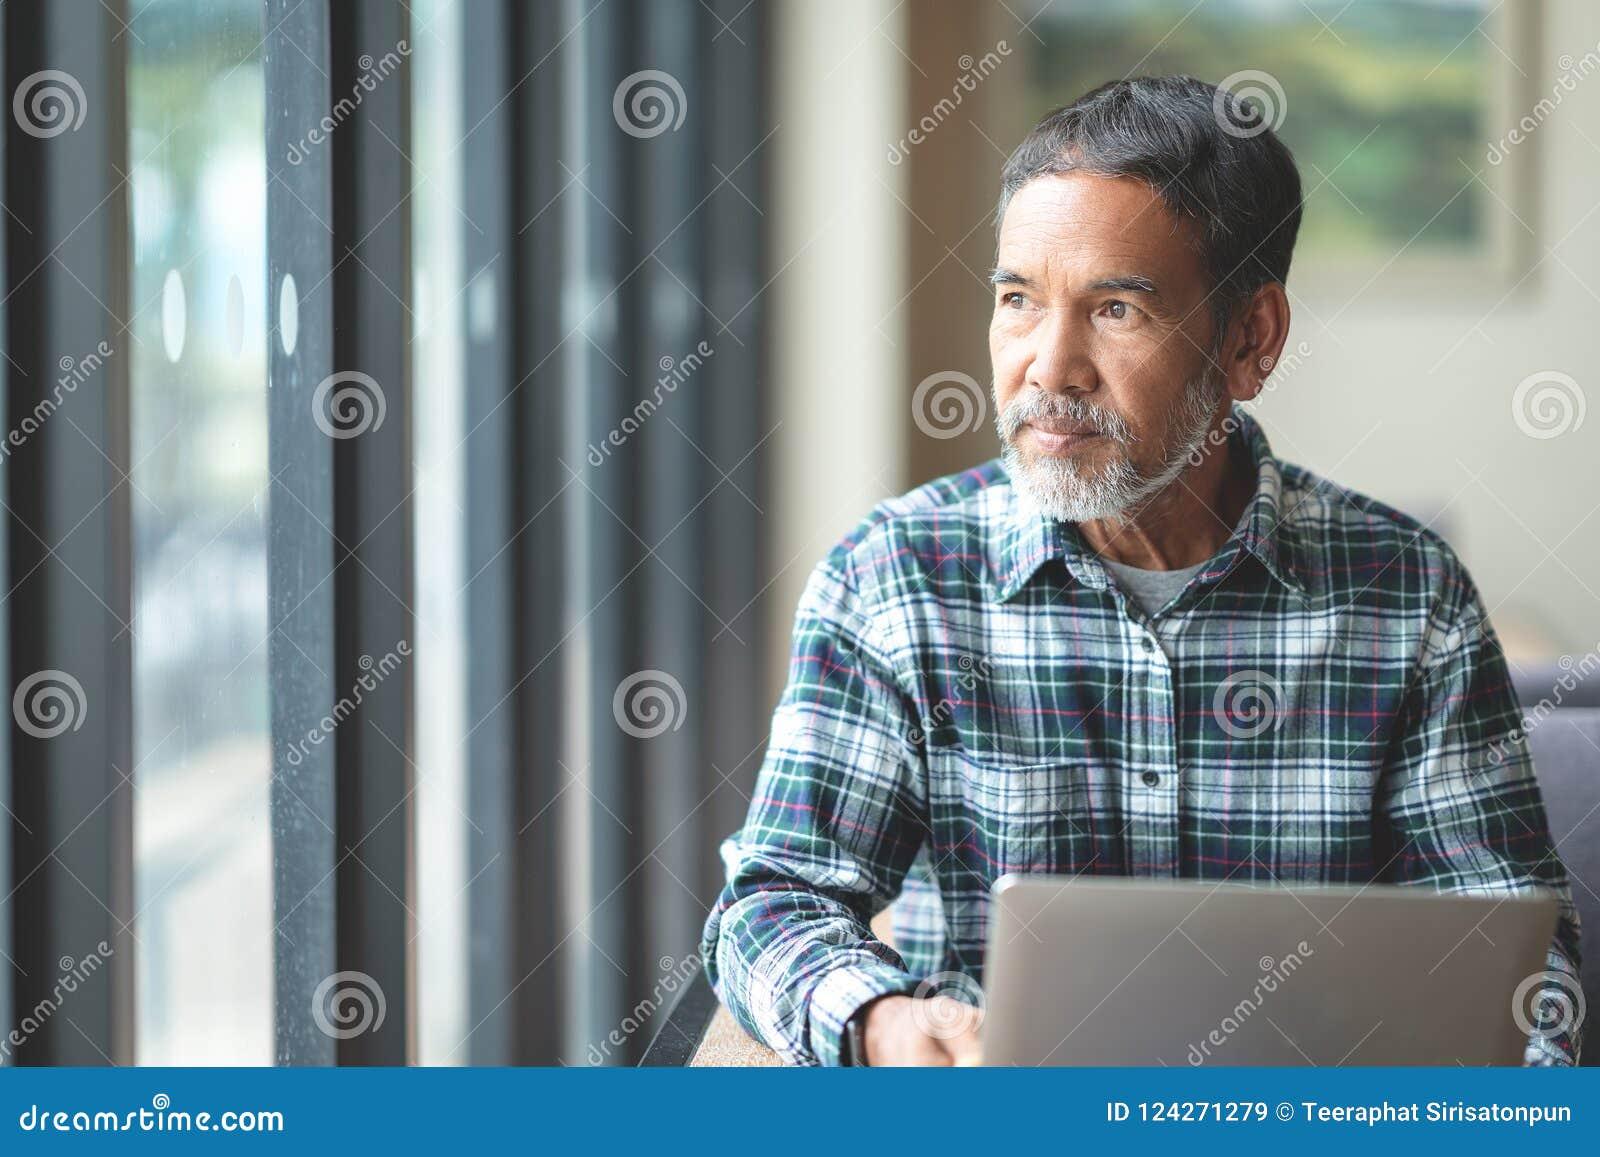 Hombre maduro con la barba corta elegante blanca que mira la ventana exterior Forma de vida casual de la gente hispánica jubilada